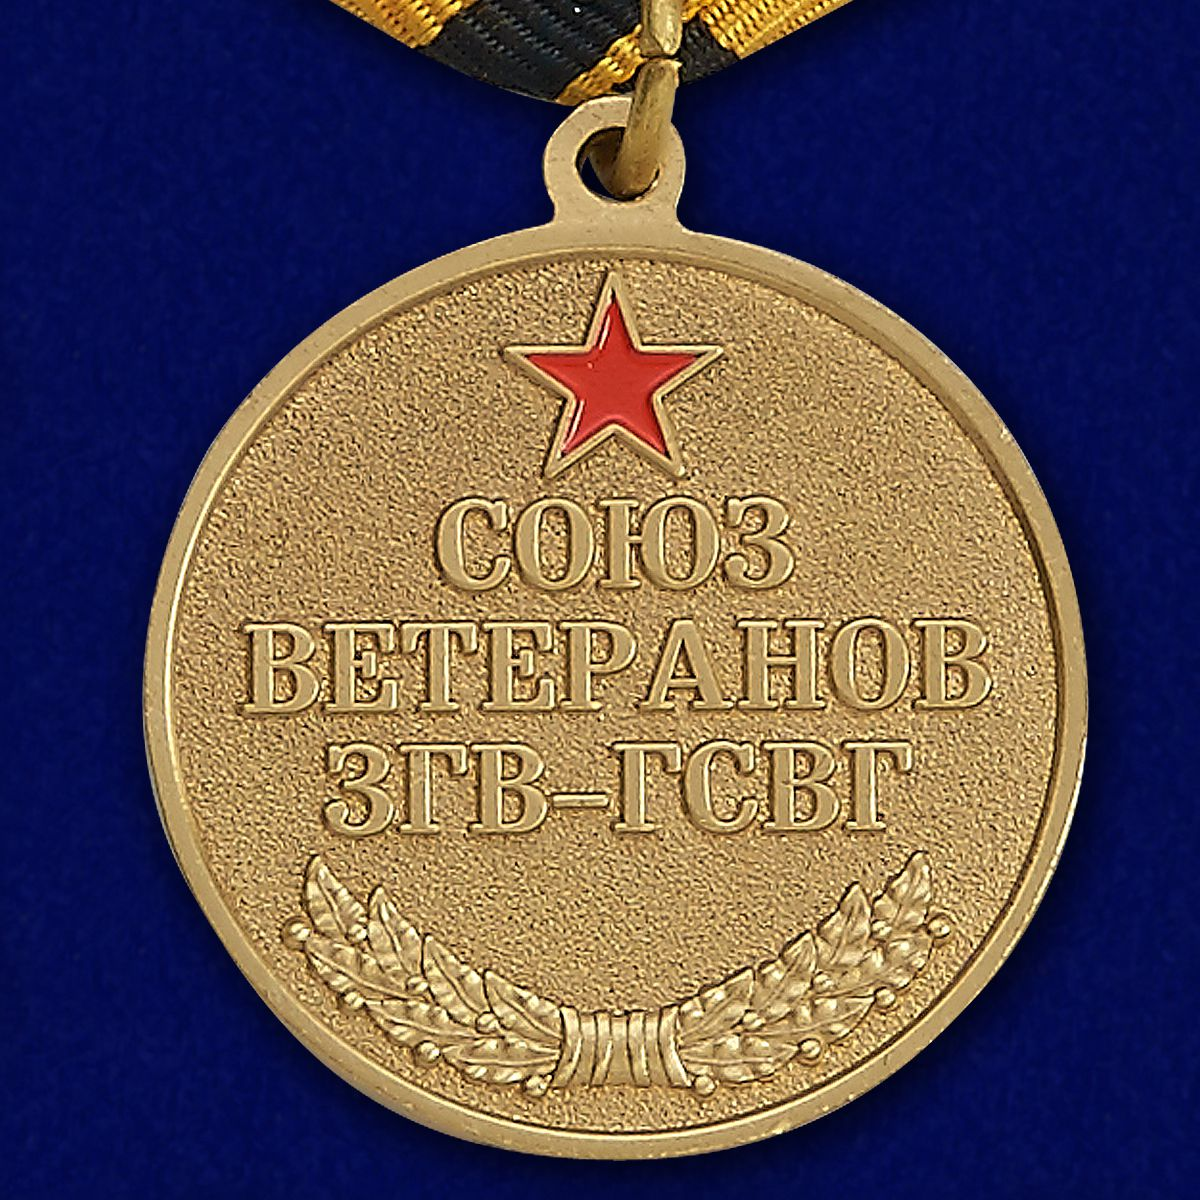 """Медаль """"Союз ветеранов ЗГВ-ГСВГ"""" - реверс"""